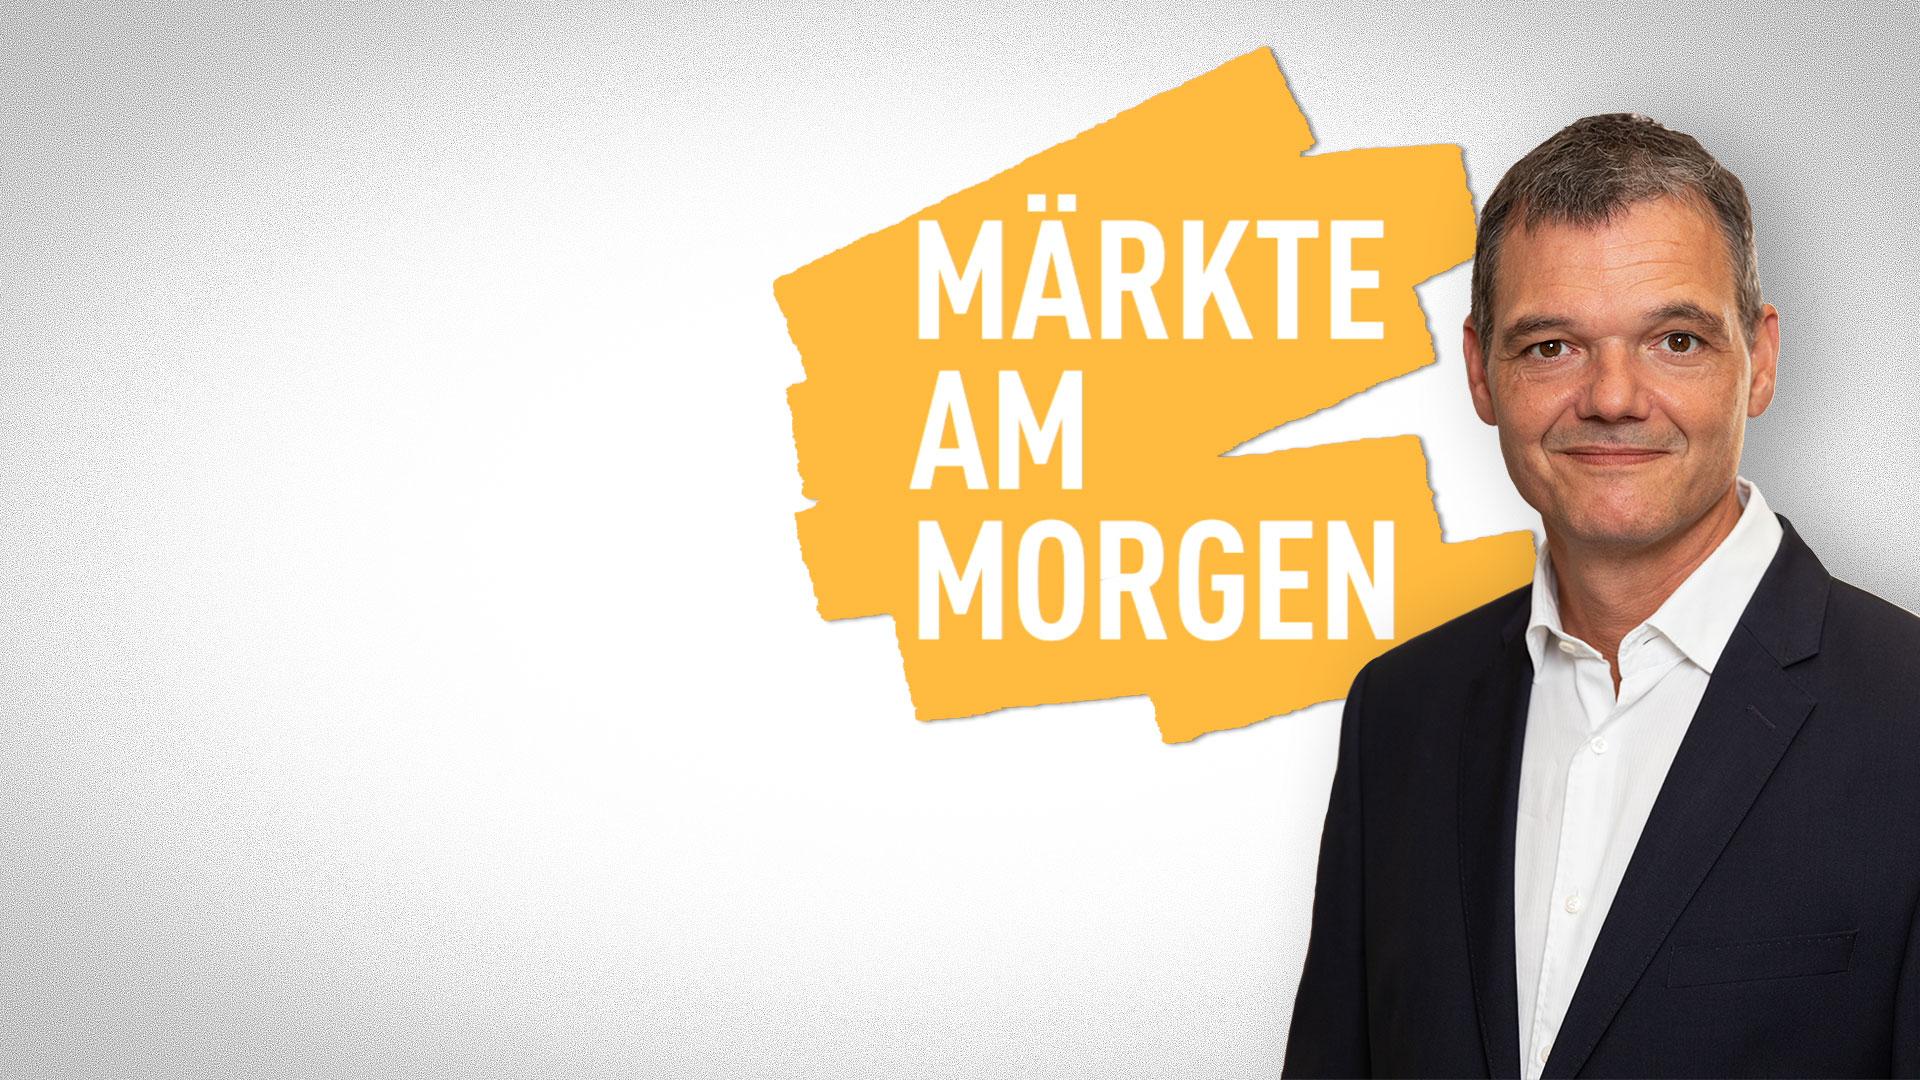 Märkte am Morgen: DAX über 12.600 Punkten erwartet; Disney, Siemens, MunichRe, Shop Apotheke, New Work, Adidas